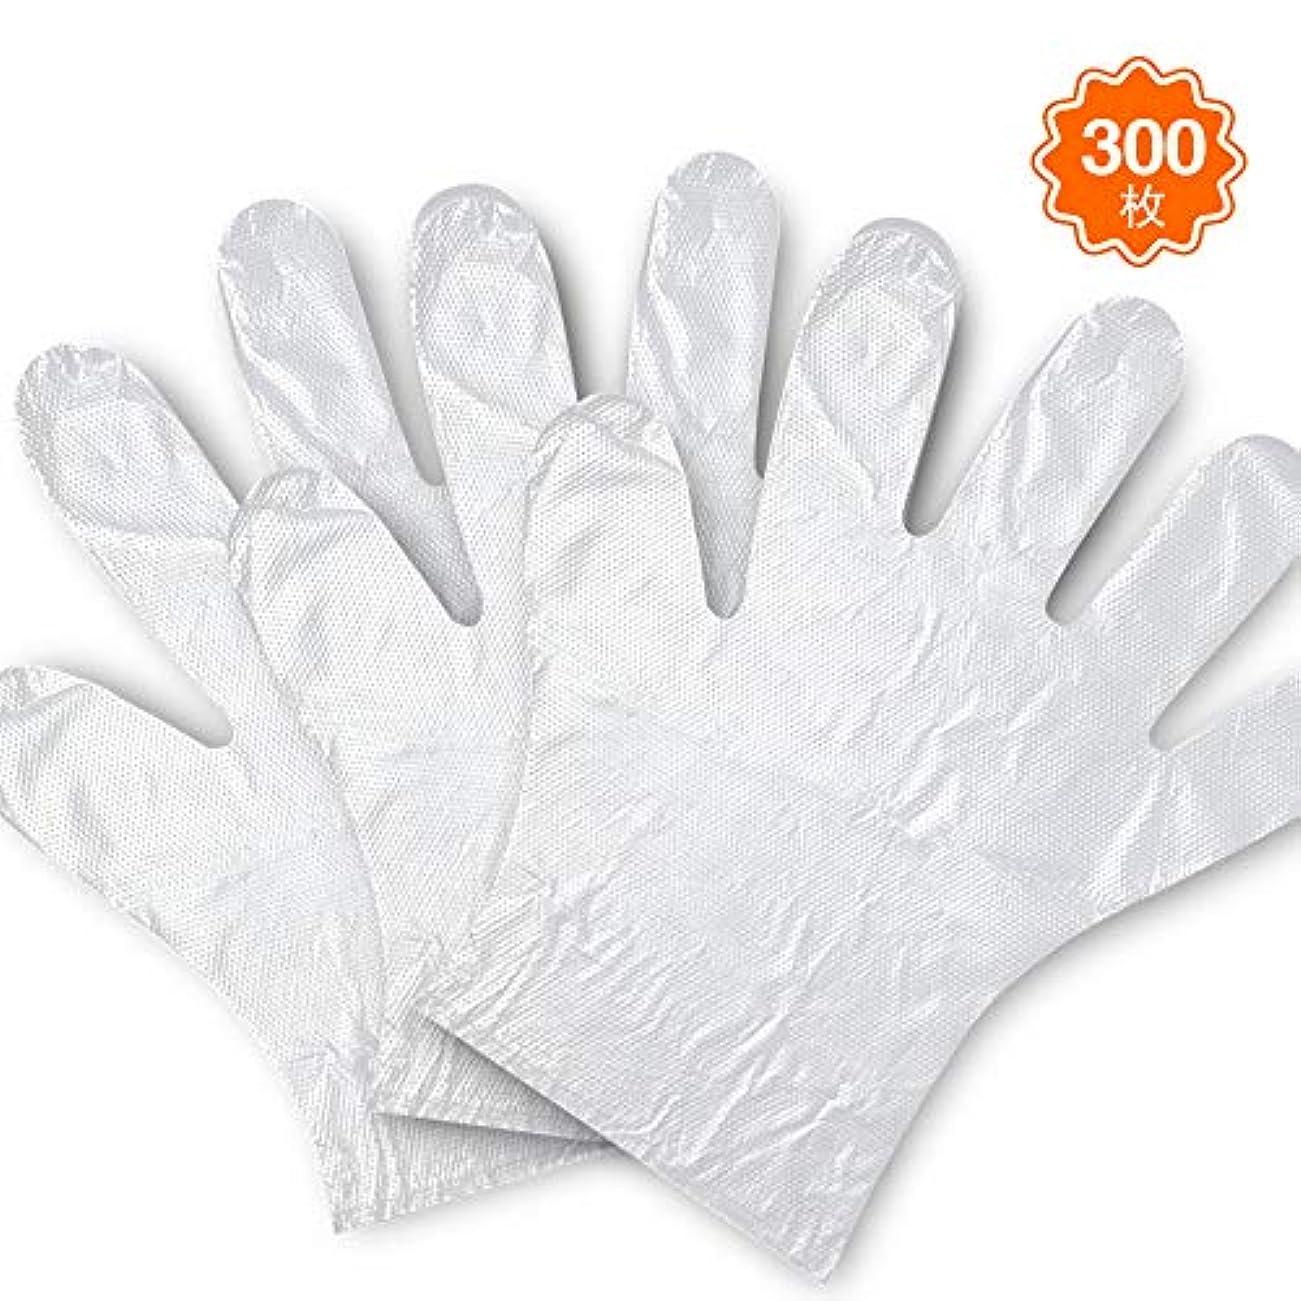 昼間名誉どこFanDaMei 使い捨てポリ手袋 300枚 使いきり手袋 ポリエチレン 使い捨て手袋 極薄手袋 調理に?お掃除に?毛染めに 食品衛生法適合